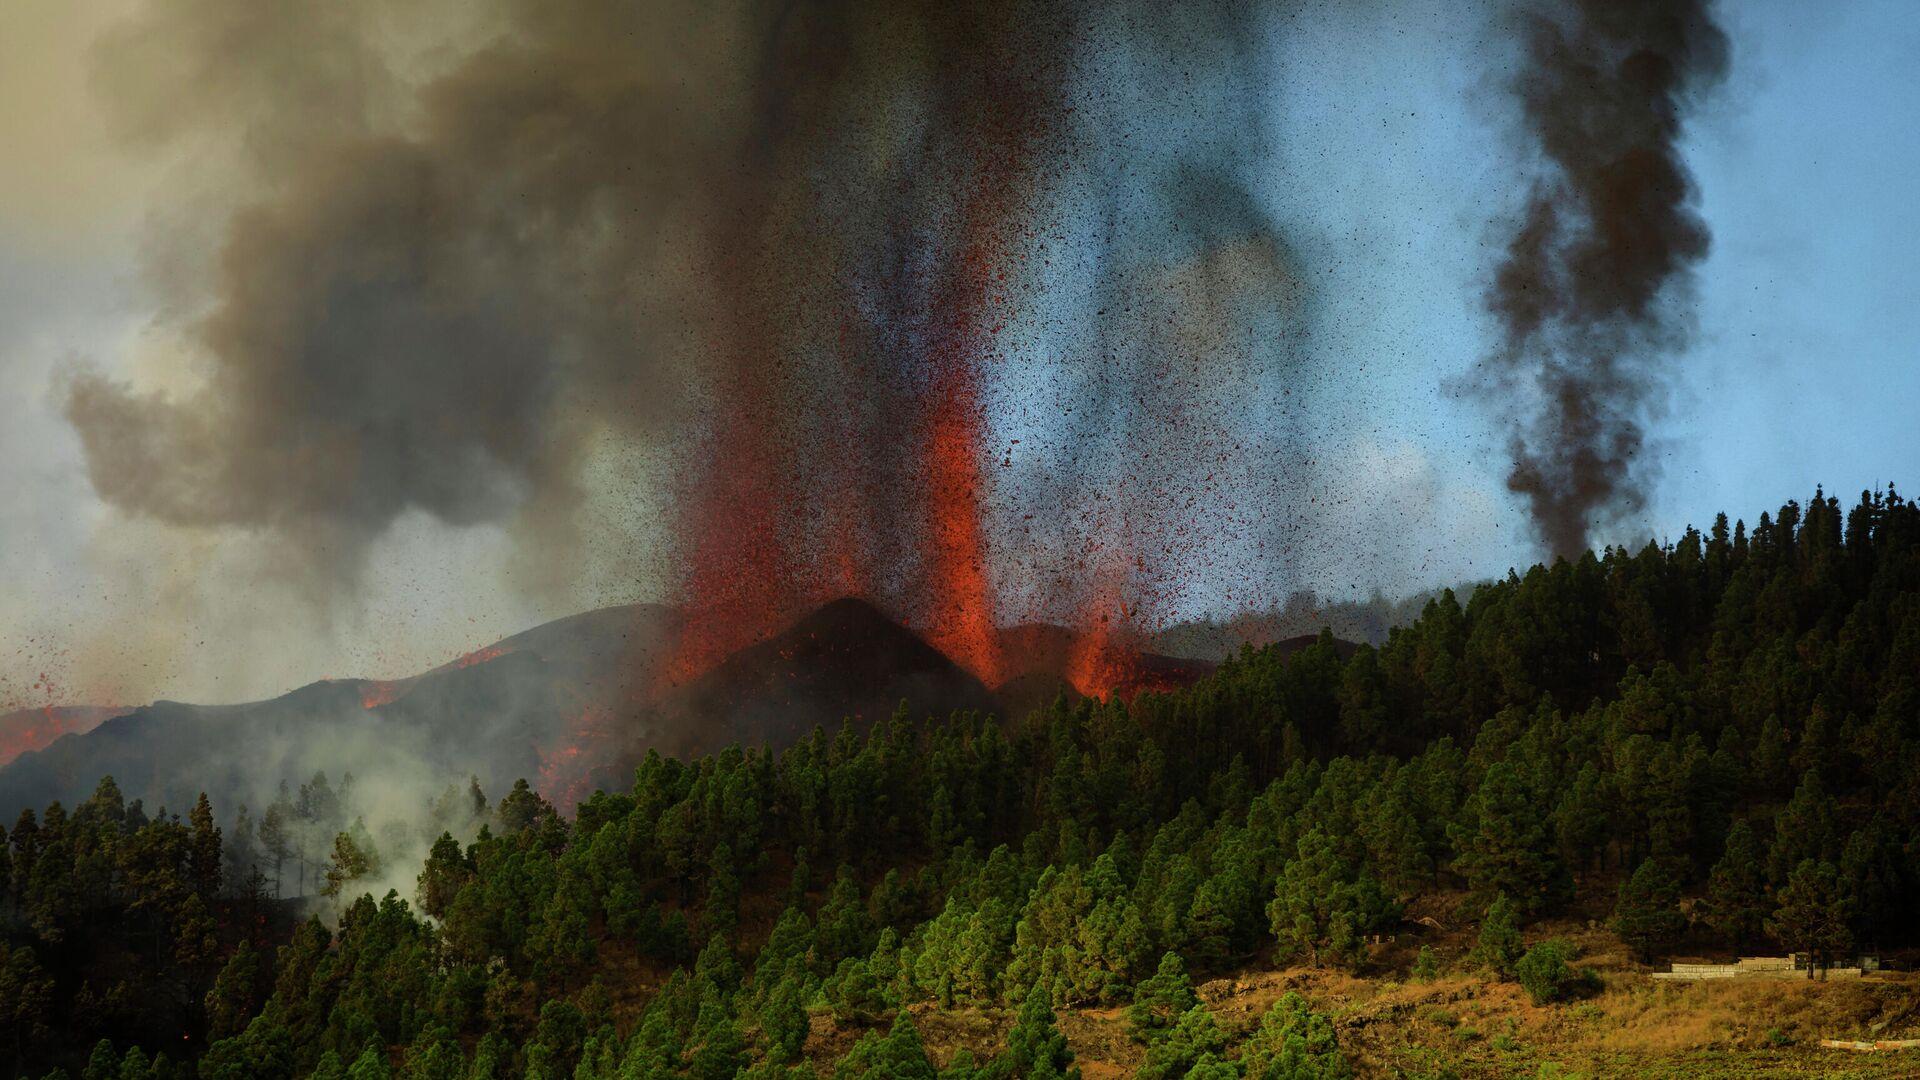 Извержение вулкана на испанском острове Пальма - РИА Новости, 1920, 26.09.2021